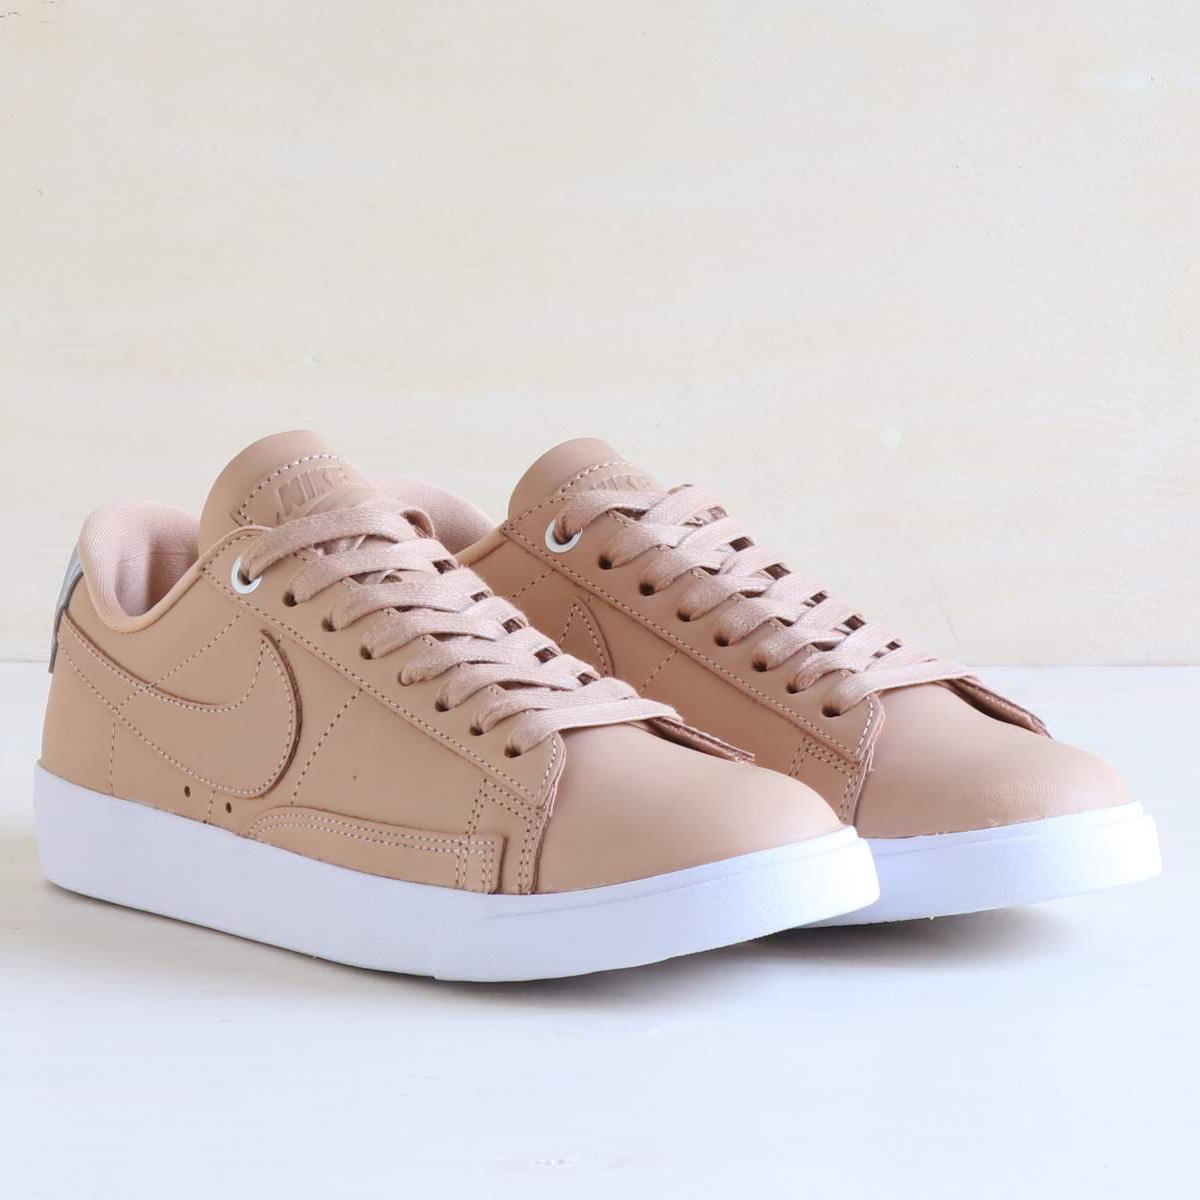 cdc9307f17bf NIKE W BLAZER LOW SE PRM (Nike women blazer low SE premium) VACHETTA TAN VACHETTA  TAN-WHITE 18SU-S